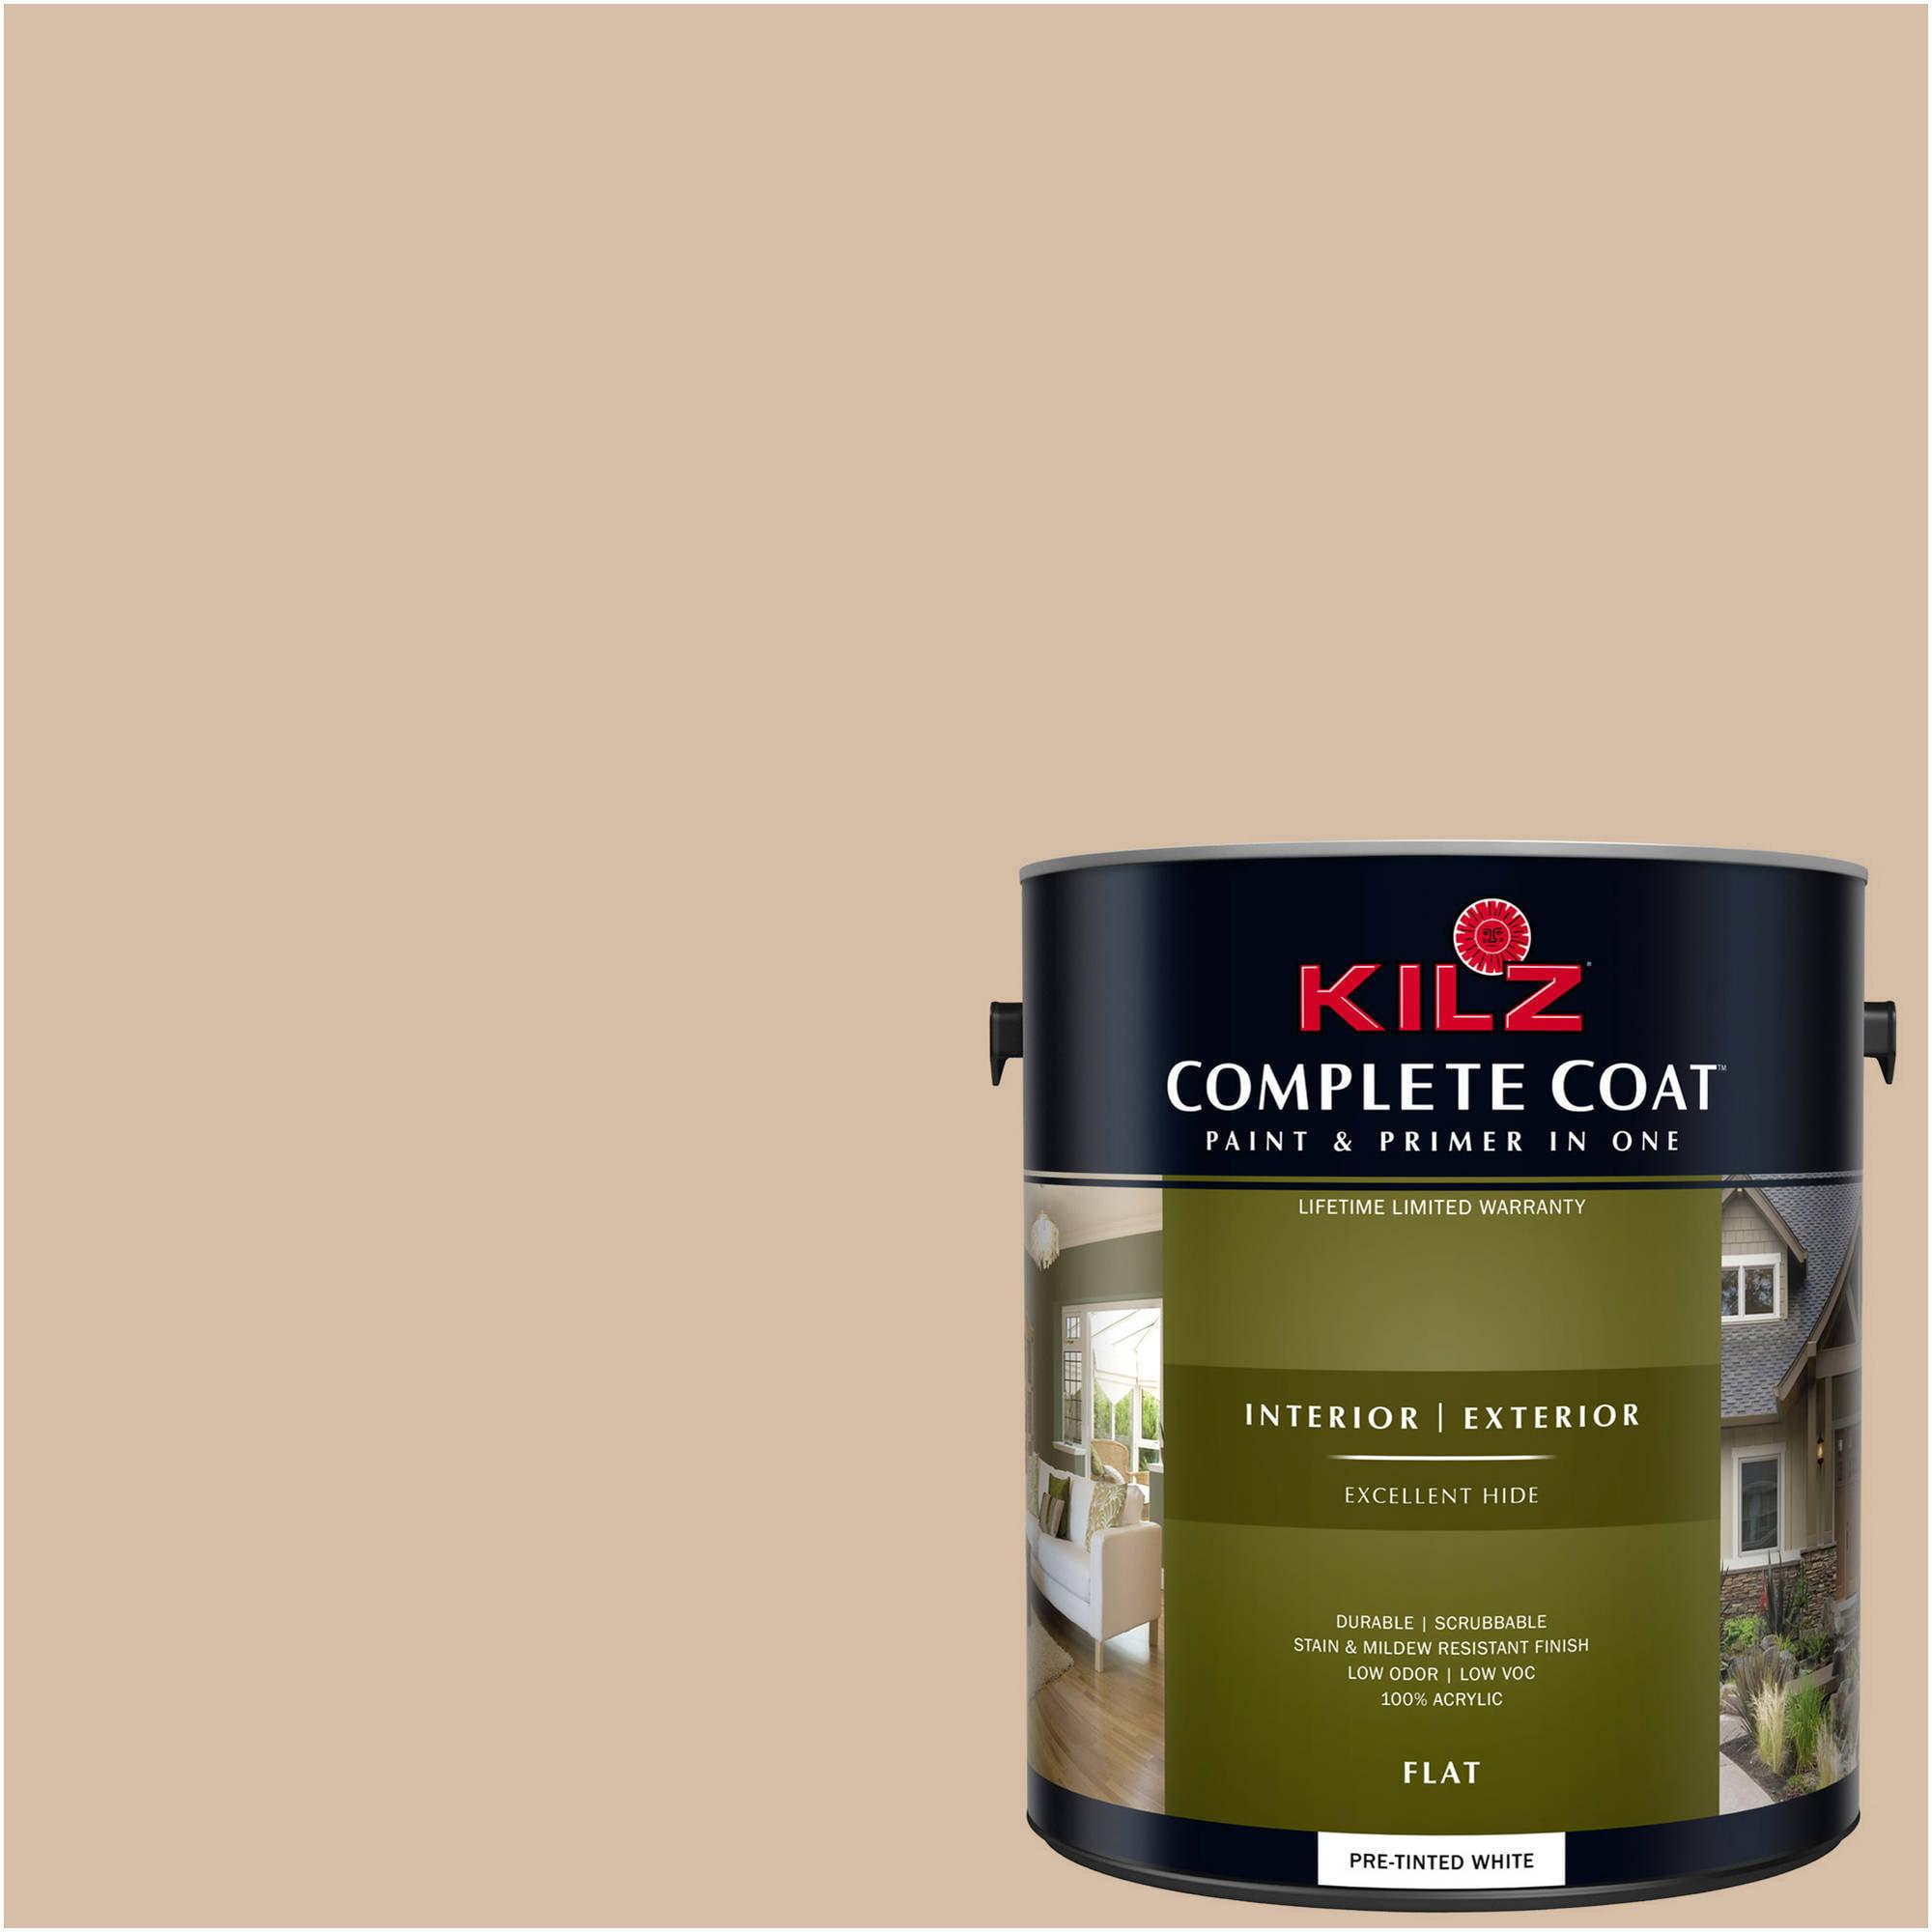 KILZ COMPLETE COAT Interior/Exterior Paint & Primer in One #LK150 Tea With Cream